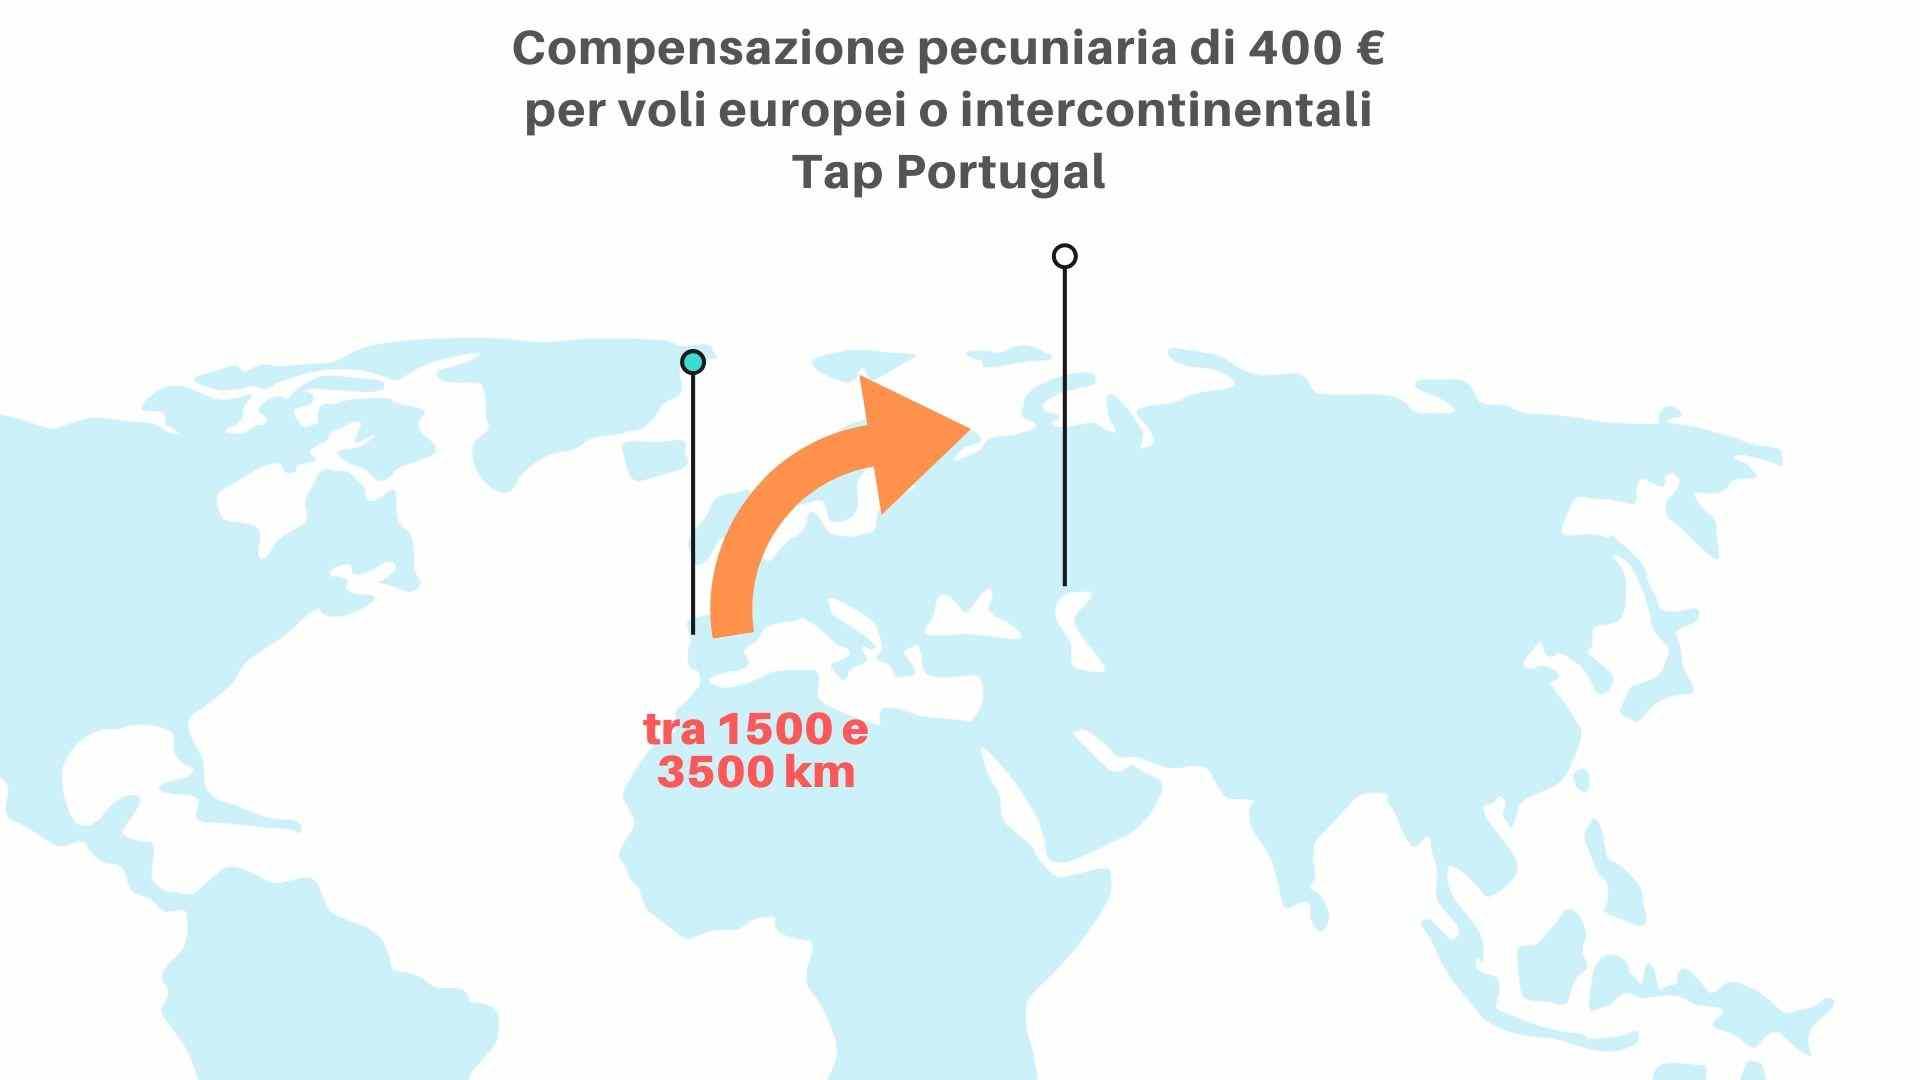 Ritardo volo Tap Portugal - tratta compresa tra 1500 km e 3500 km